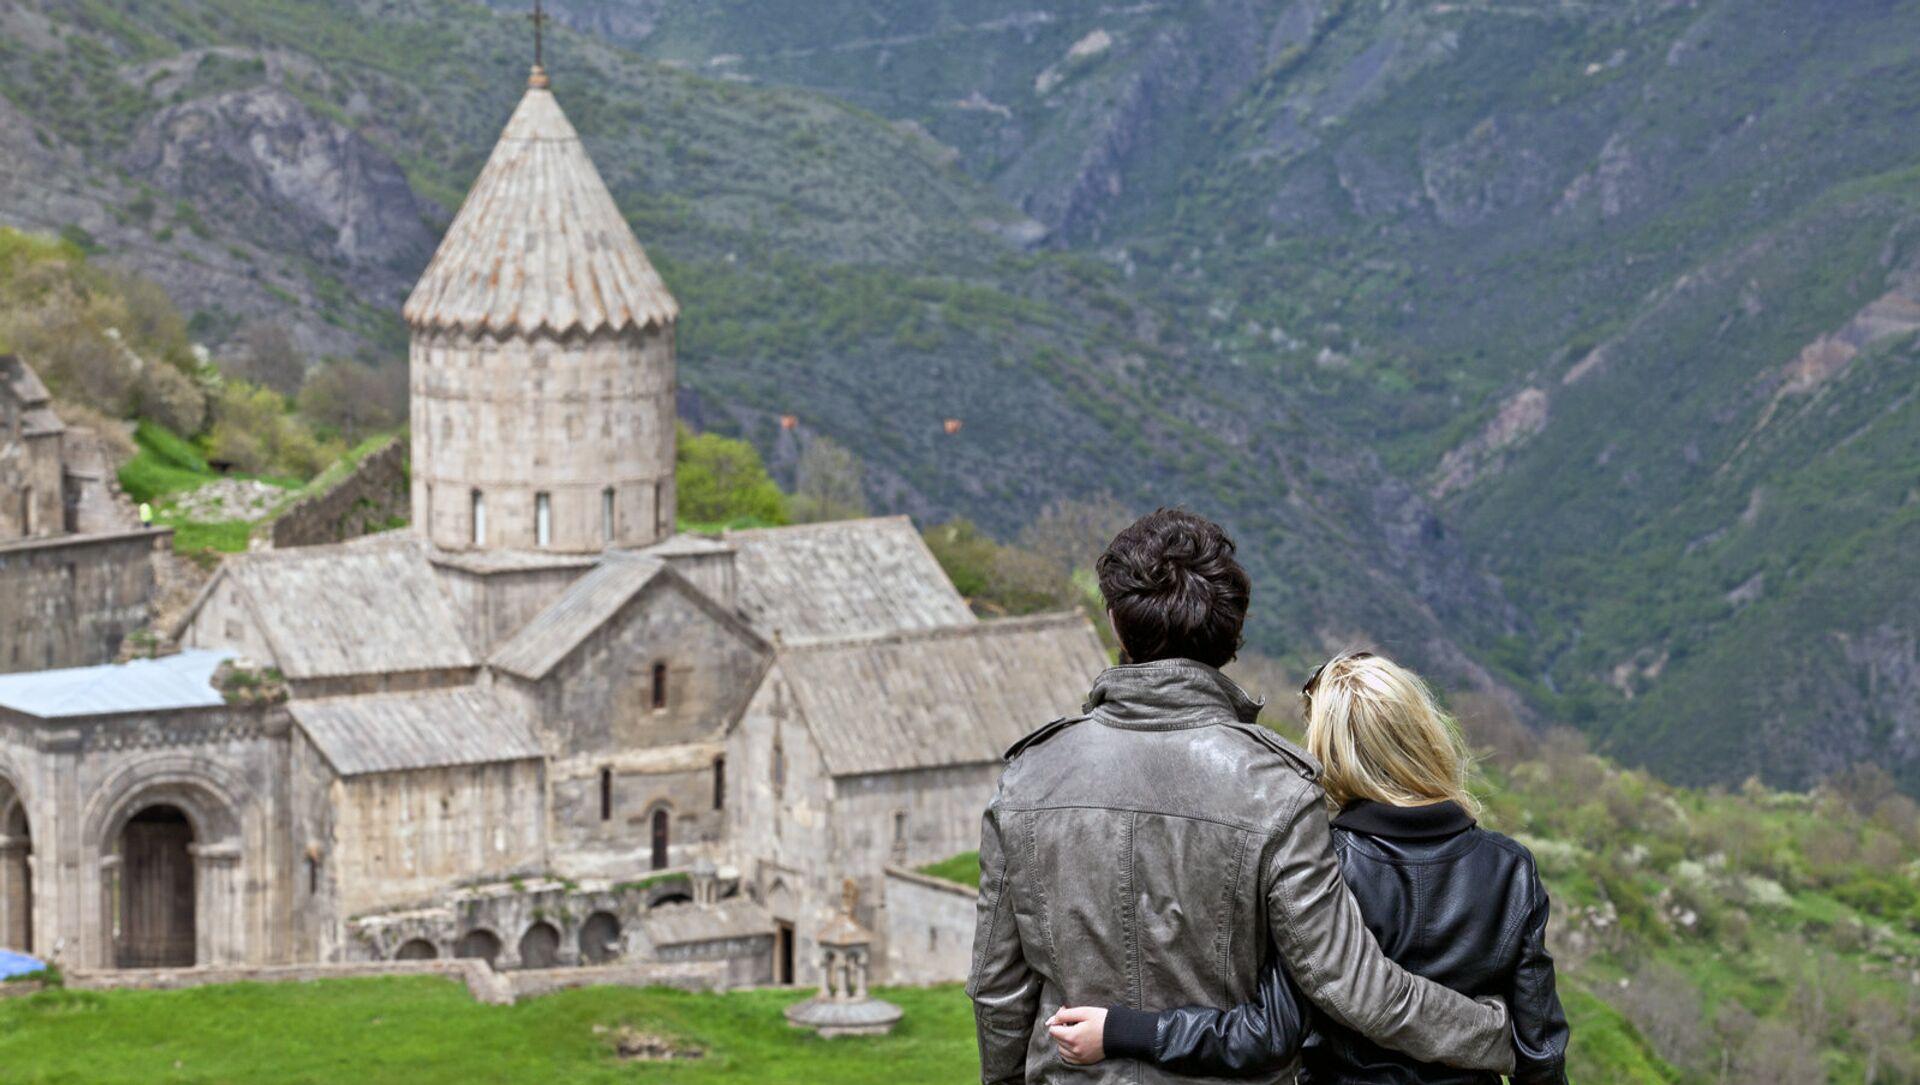 Татевский монастырь  - Sputnik Արմենիա, 1920, 29.07.2021